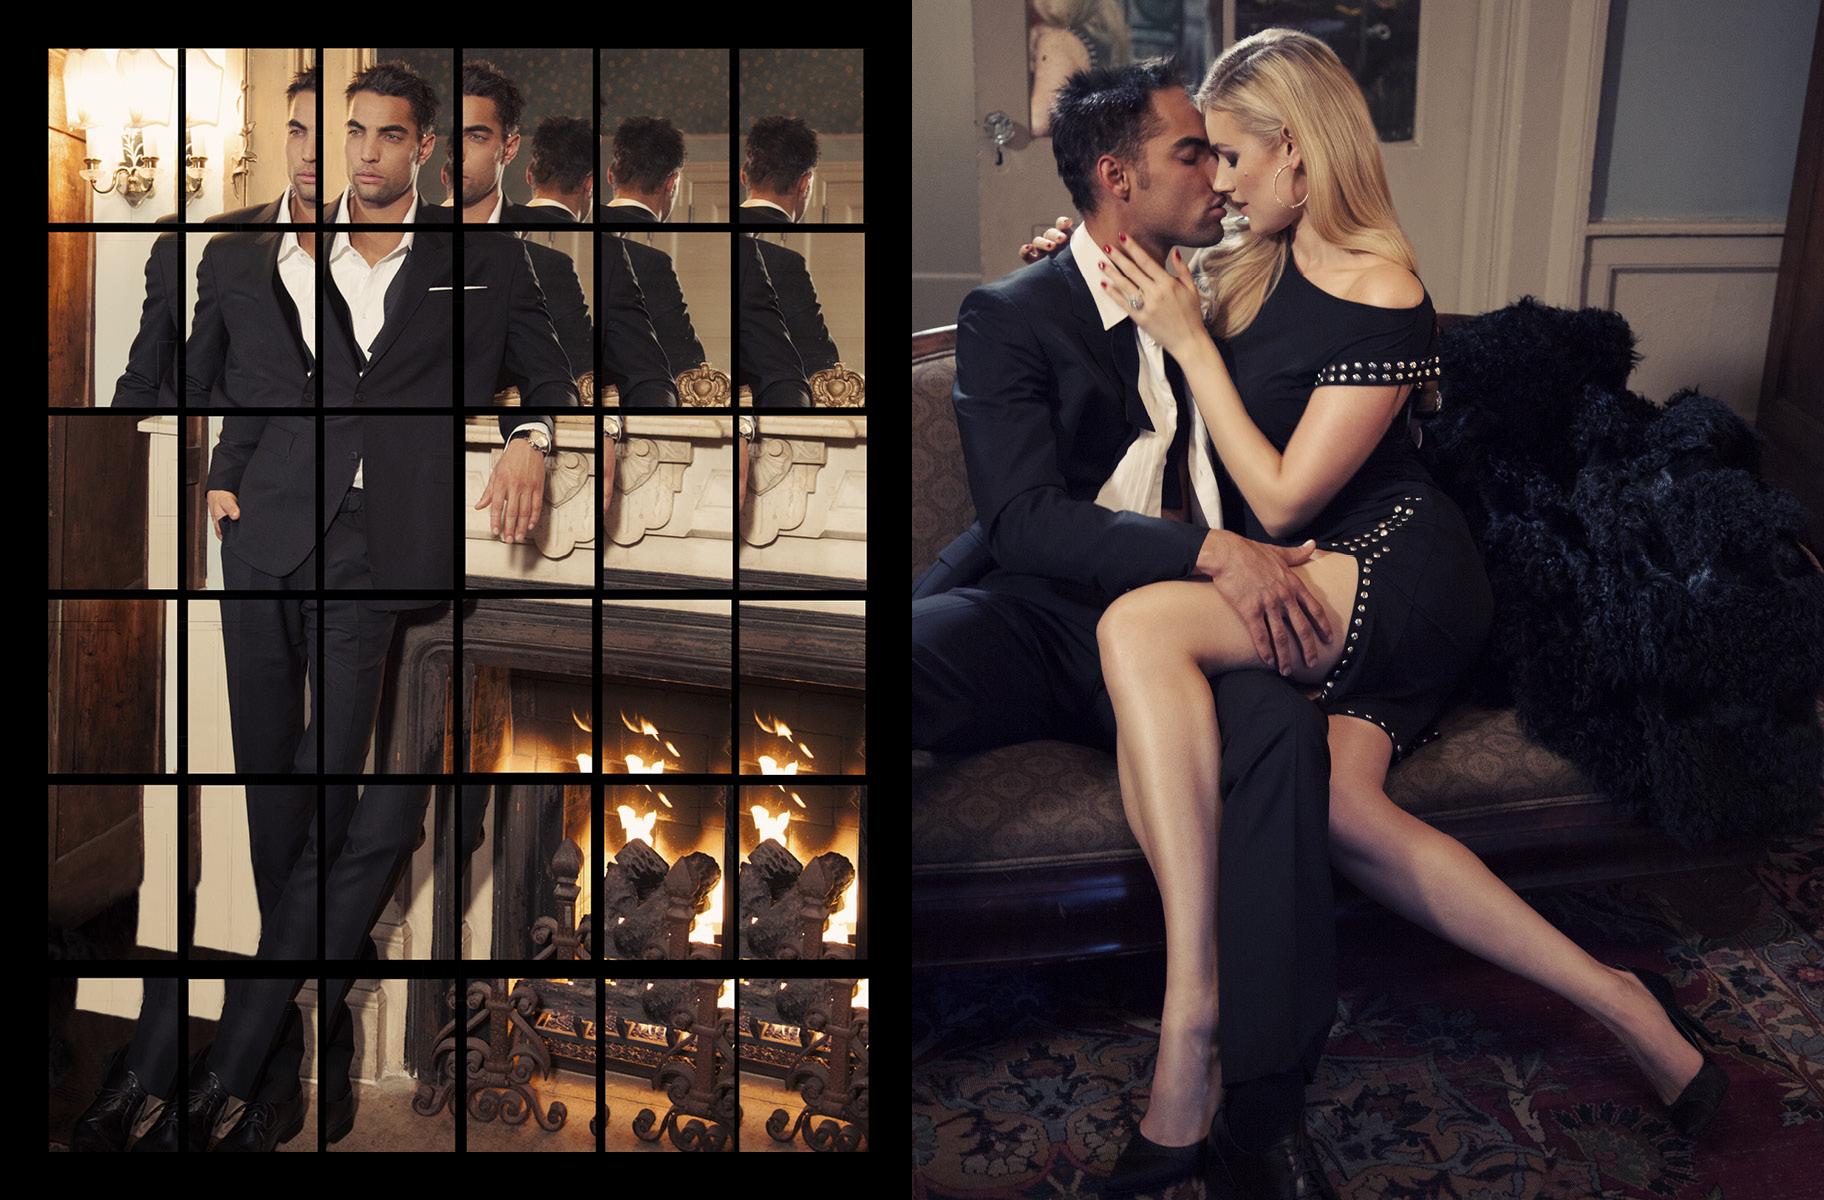 LEFT: Suit & Shirt PAUL SMITH / Watch JACOB & CORIGHT: Dress & Shoes MICHAEL KORS / Suit & Shirt PAUL SMITH